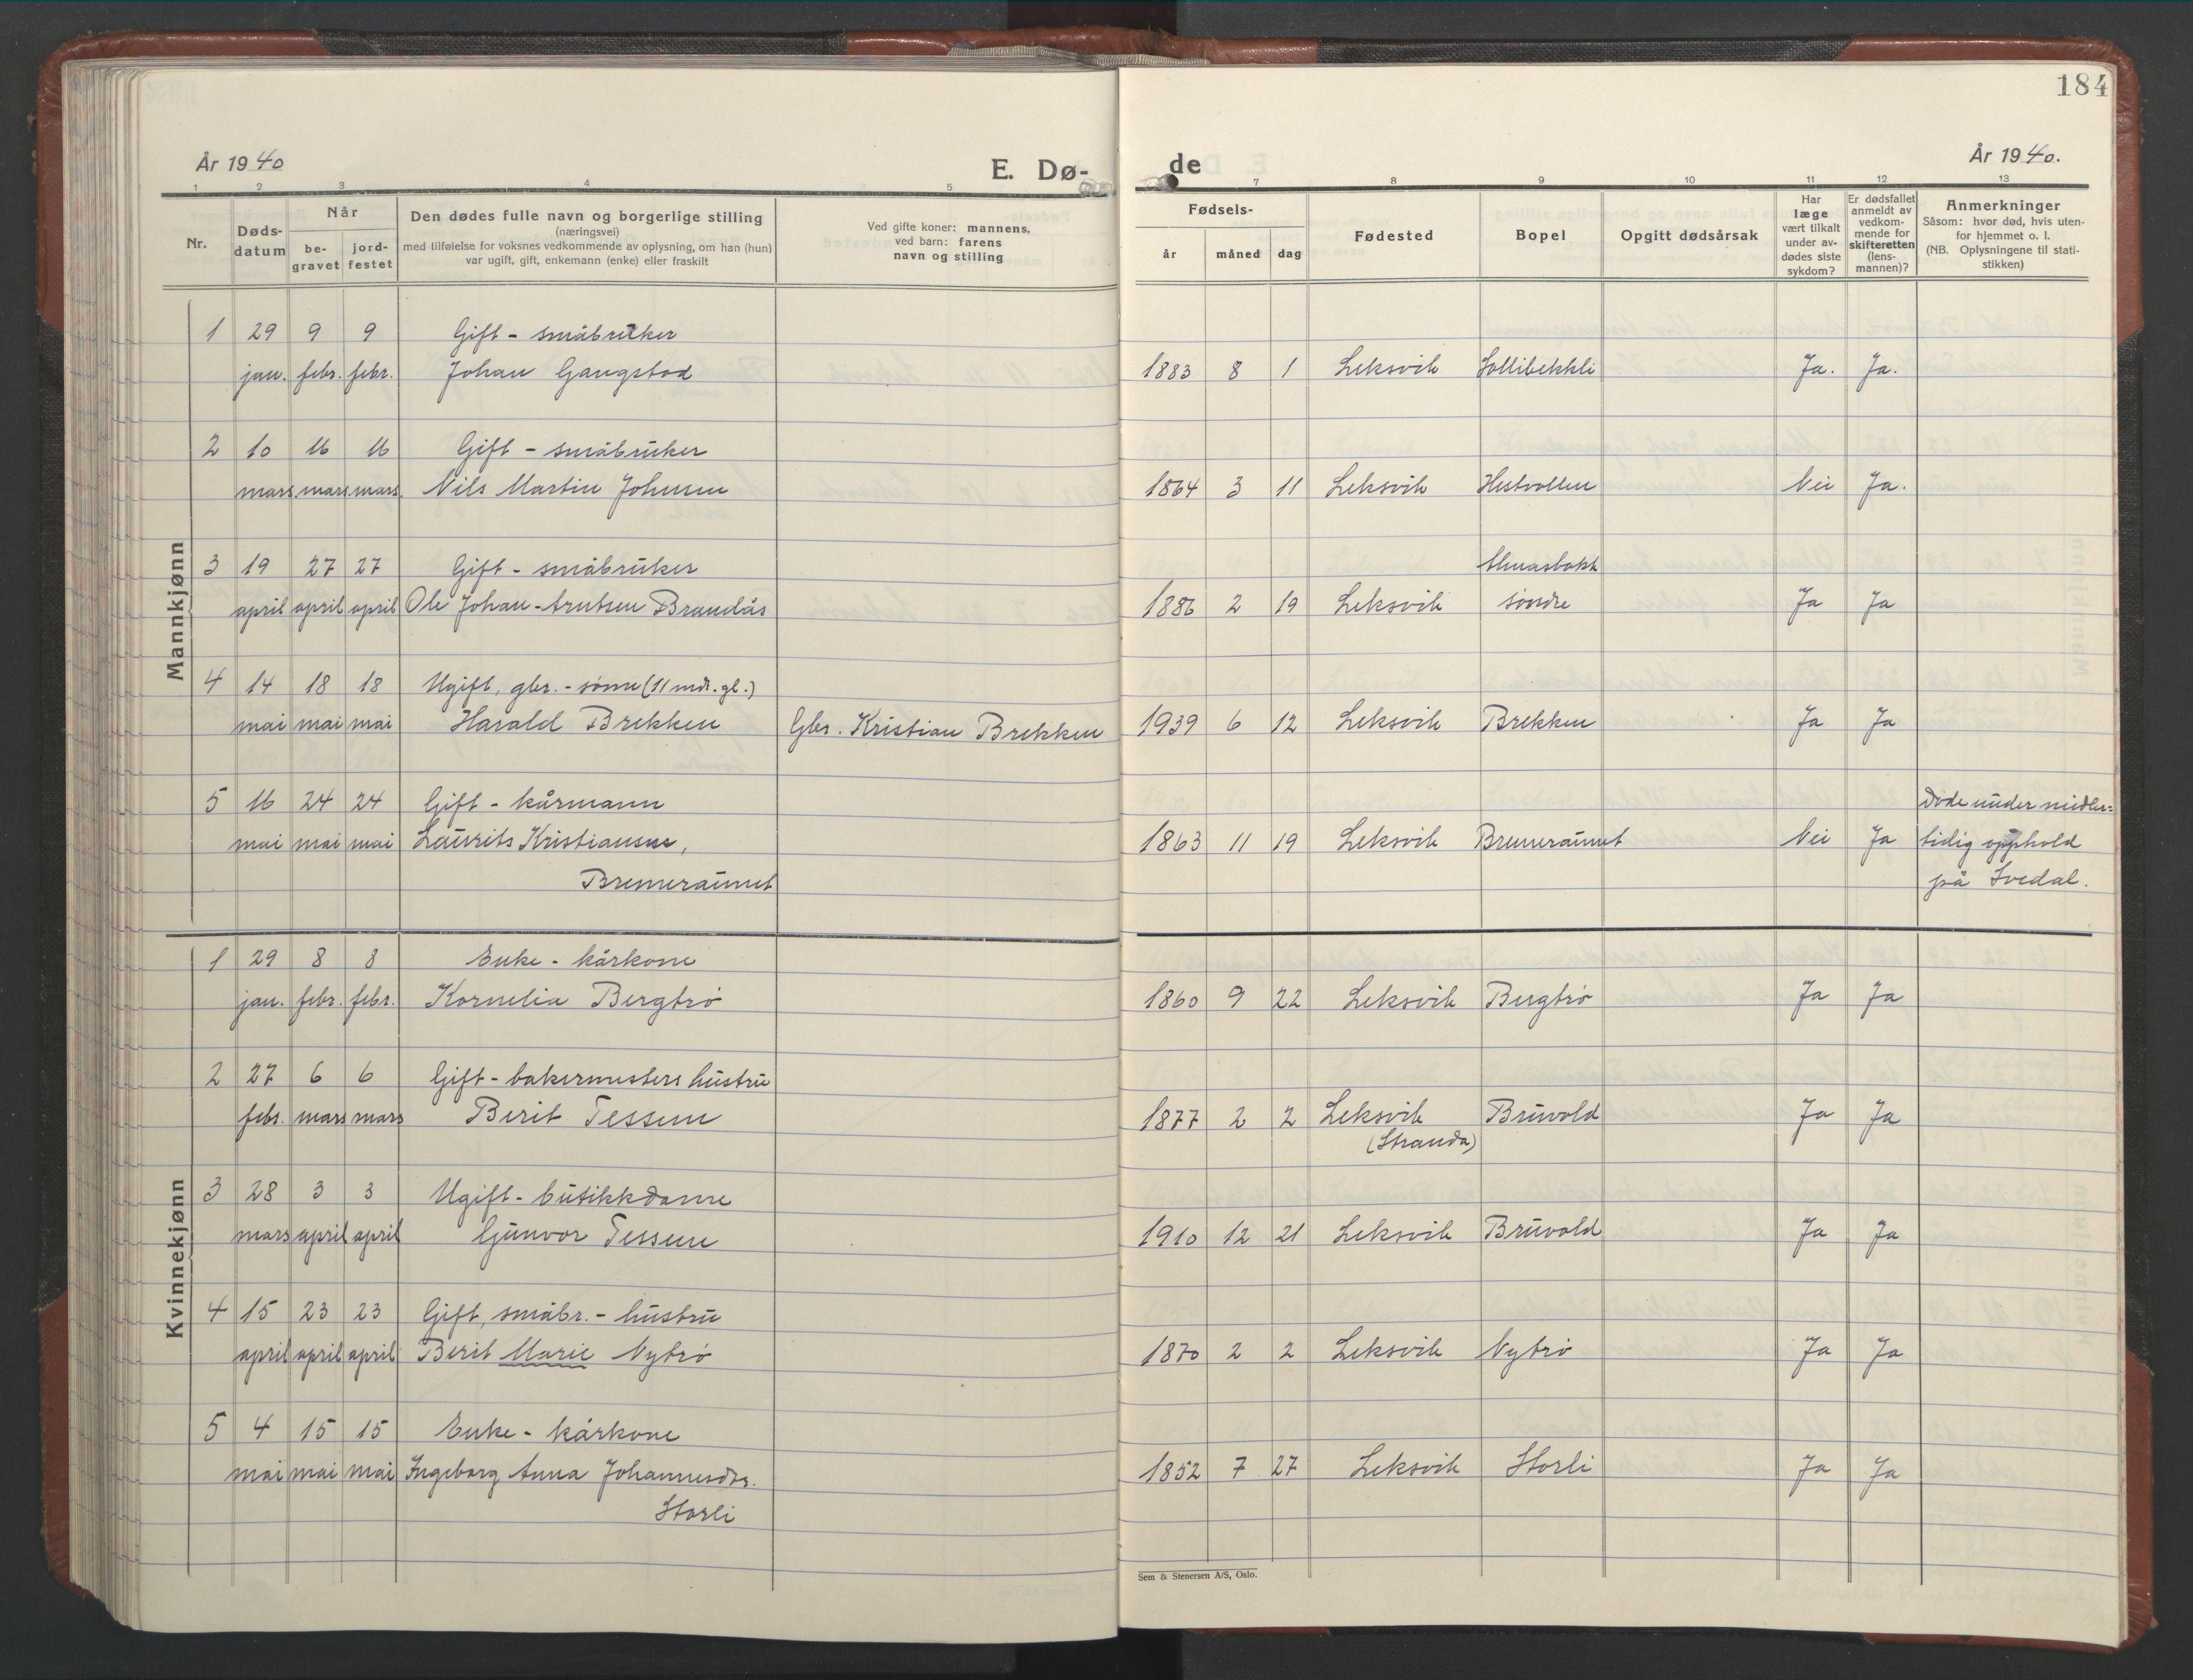 SAT, Ministerialprotokoller, klokkerbøker og fødselsregistre - Nord-Trøndelag, 701/L0019: Klokkerbok nr. 701C03, 1930-1953, s. 184